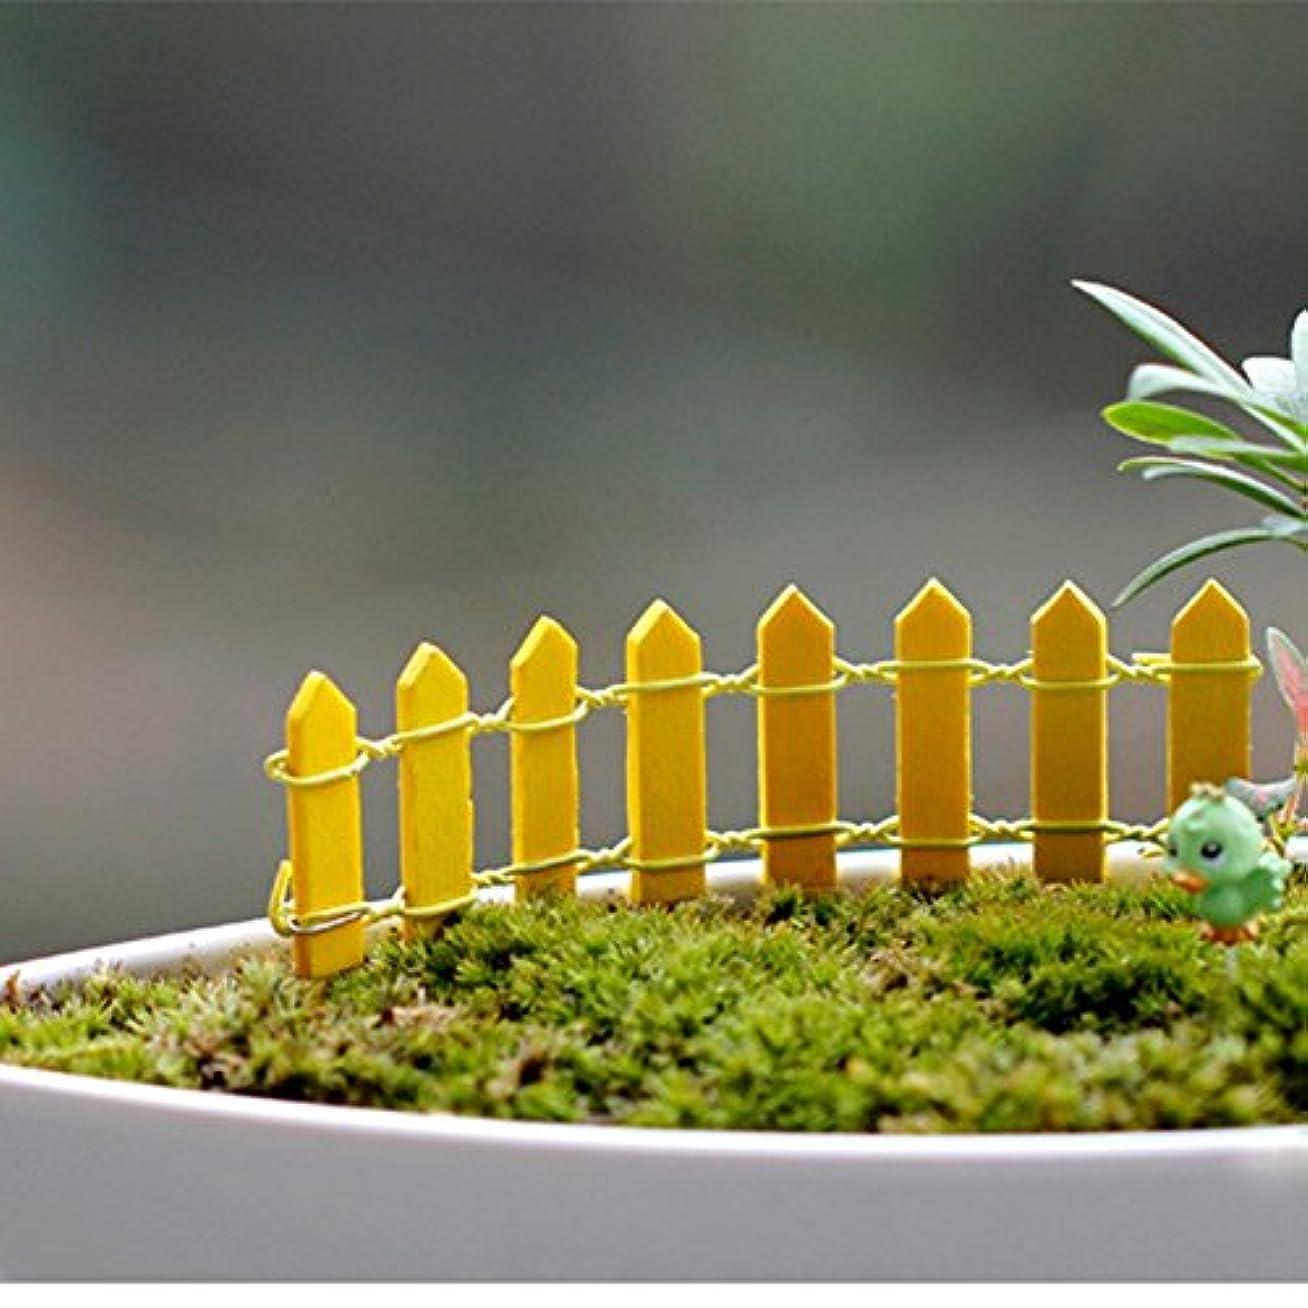 ばかげているインフラ引っ張るJicorzo - 20個DIY木製の小さなフェンスモステラリウム植木鉢工芸ミニおもちゃフェアリーガーデンミニチュア[イエロー]